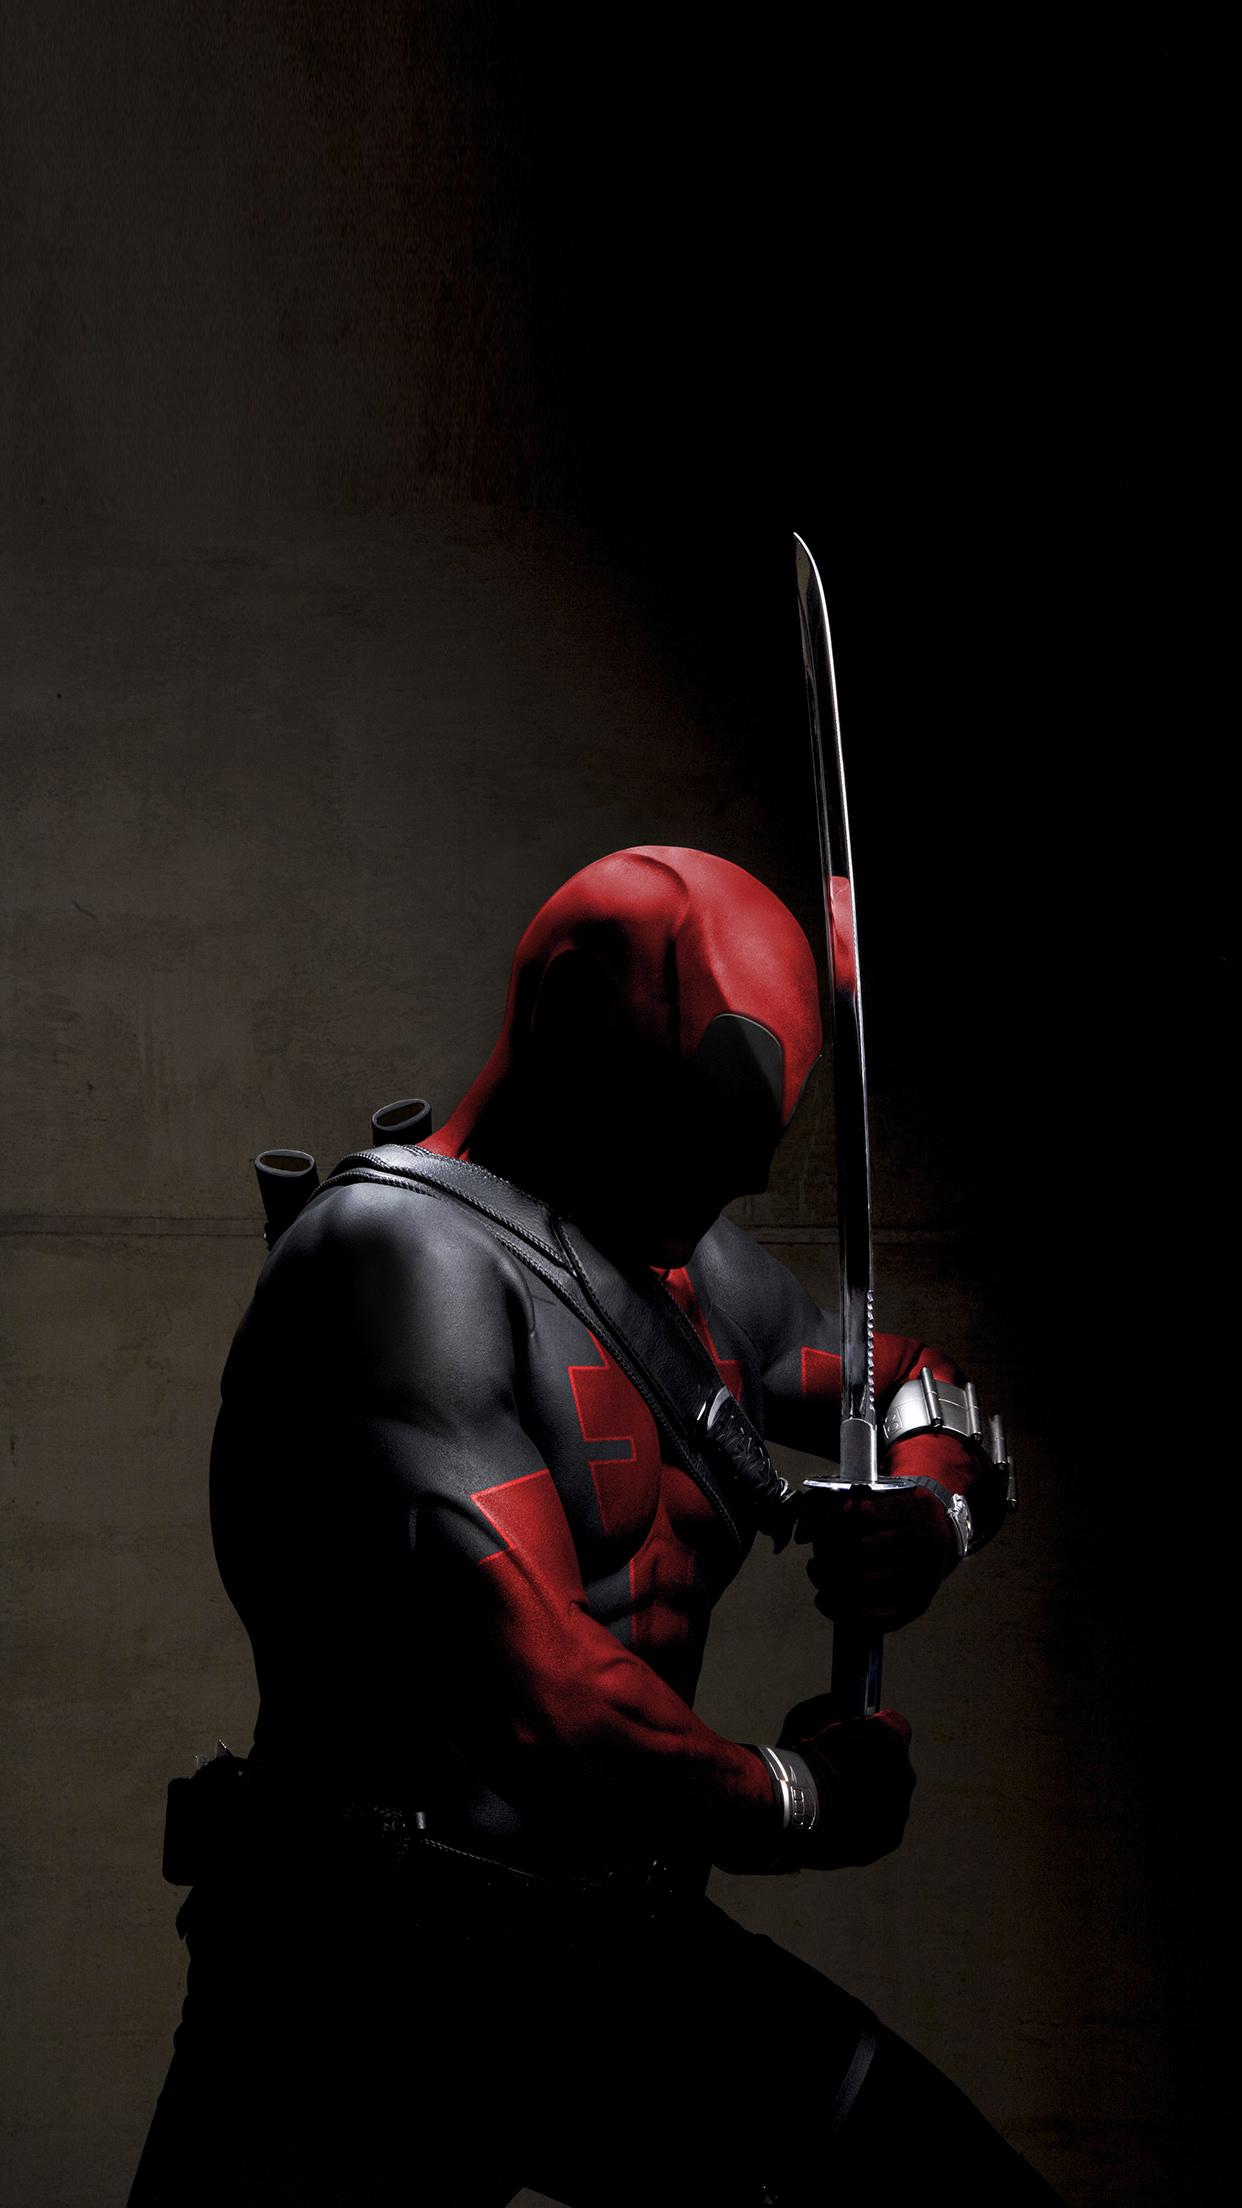 deadpool helmet man adult weapon military portrait sword competition battle